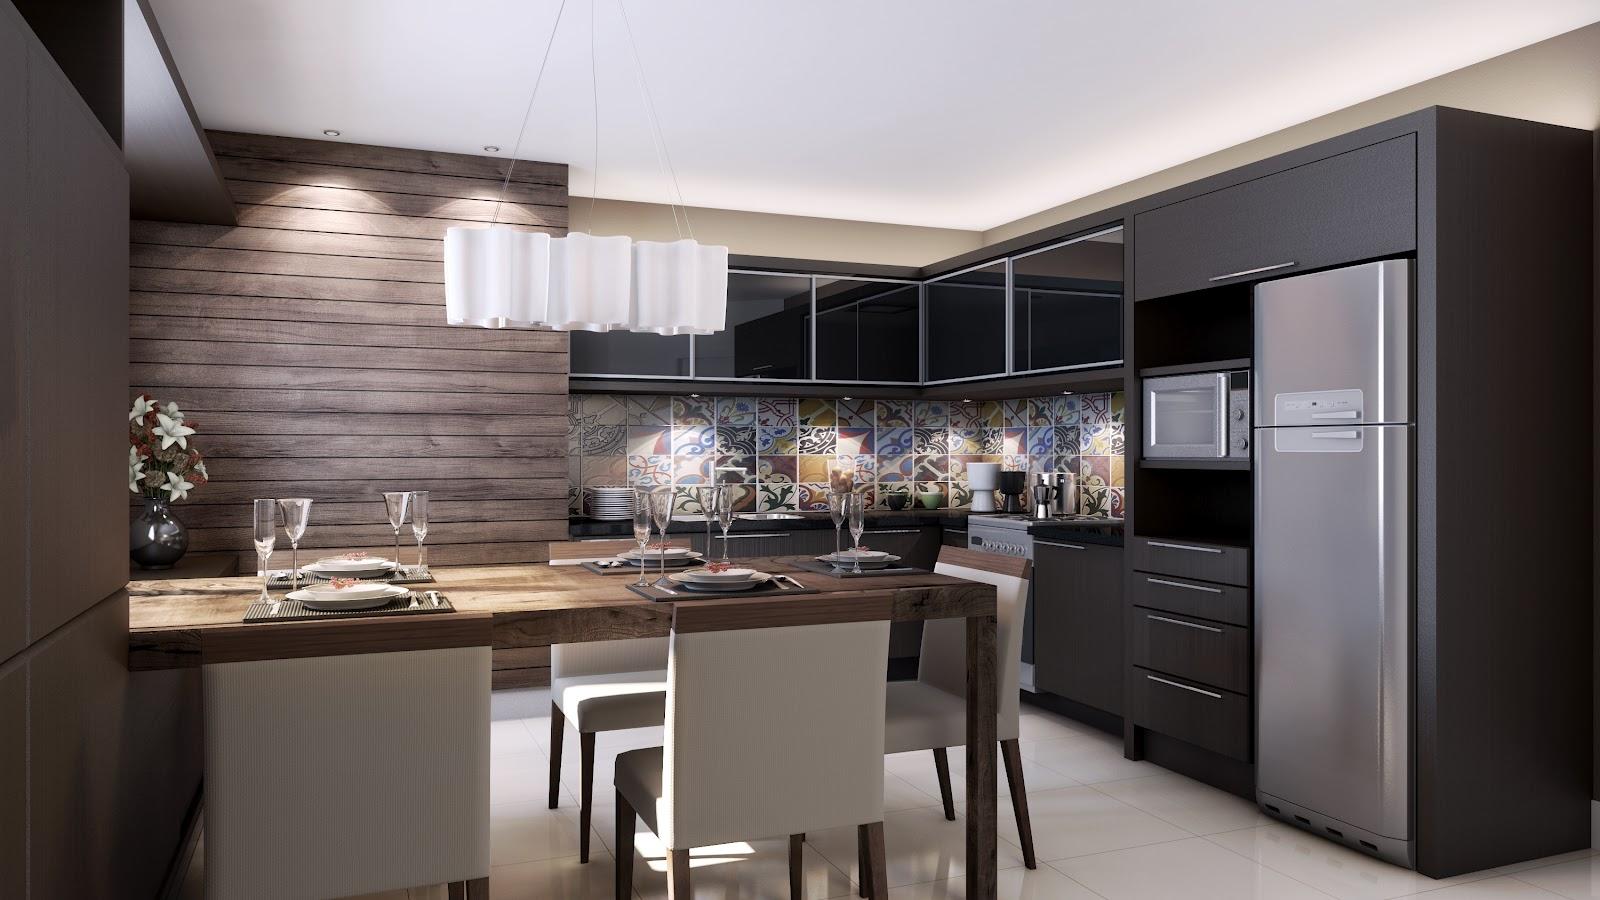 24 12 29 Cozinha Preta Em MDF Bancadas Cinza O Que Deixou A Super #7C644F 1600x900